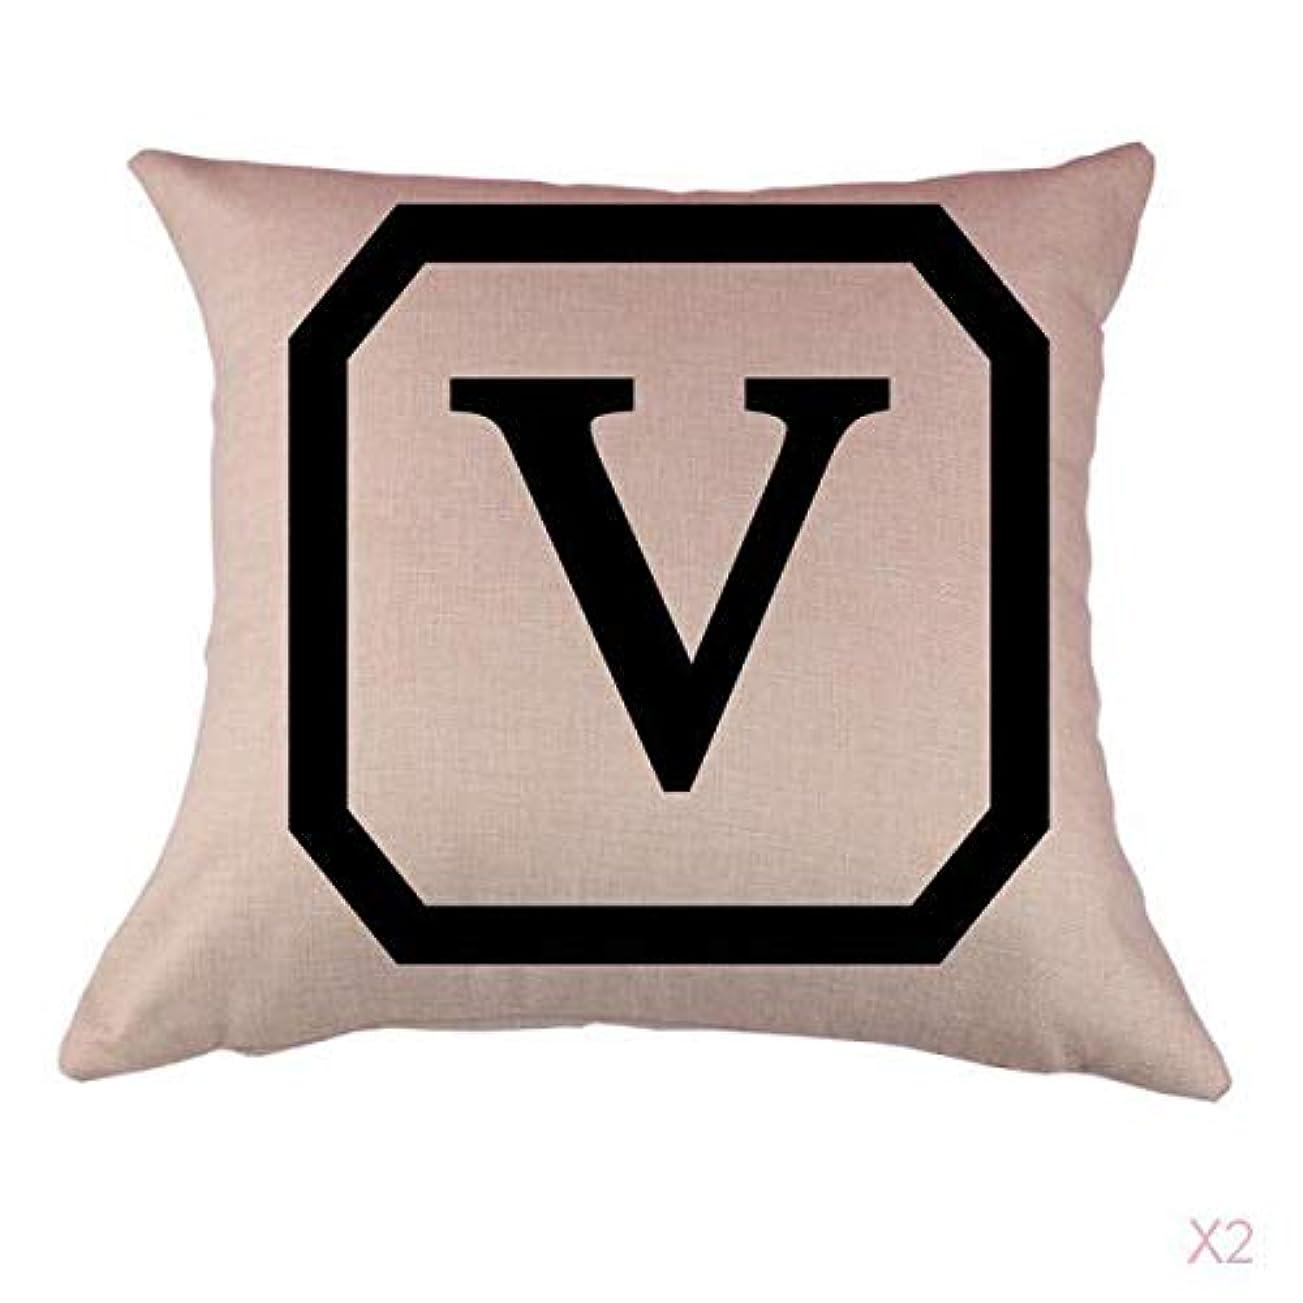 ミュウミュウ最も郵便屋さんコットンリネンスロー枕カバークッションカバー家の装飾、初期文字v